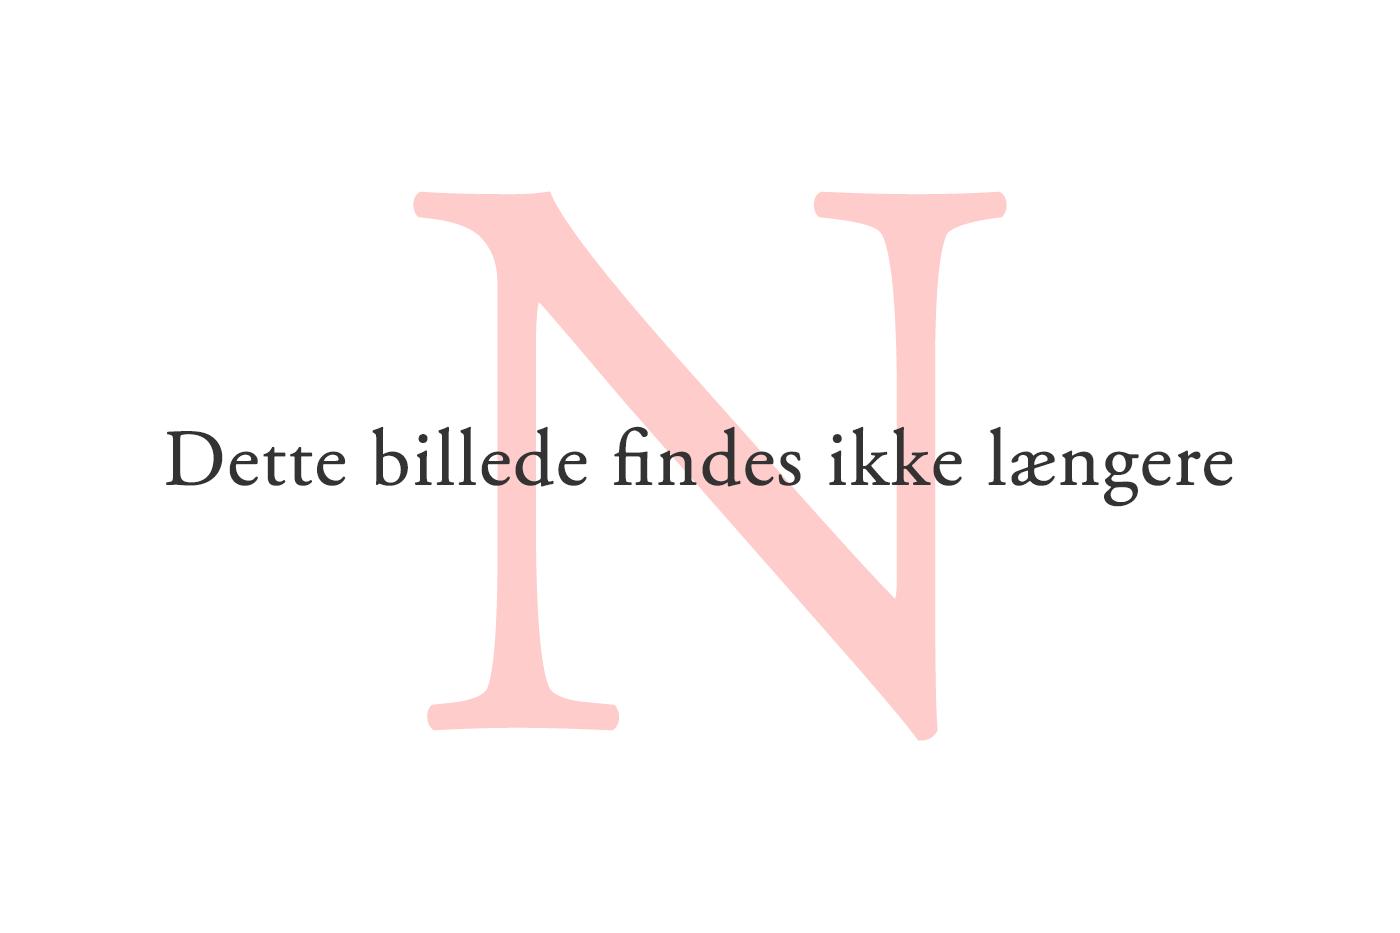 Danskerne er federe end de tror. Det kan føre til livsfarlige sygdomme.  Foto: Readers Choice